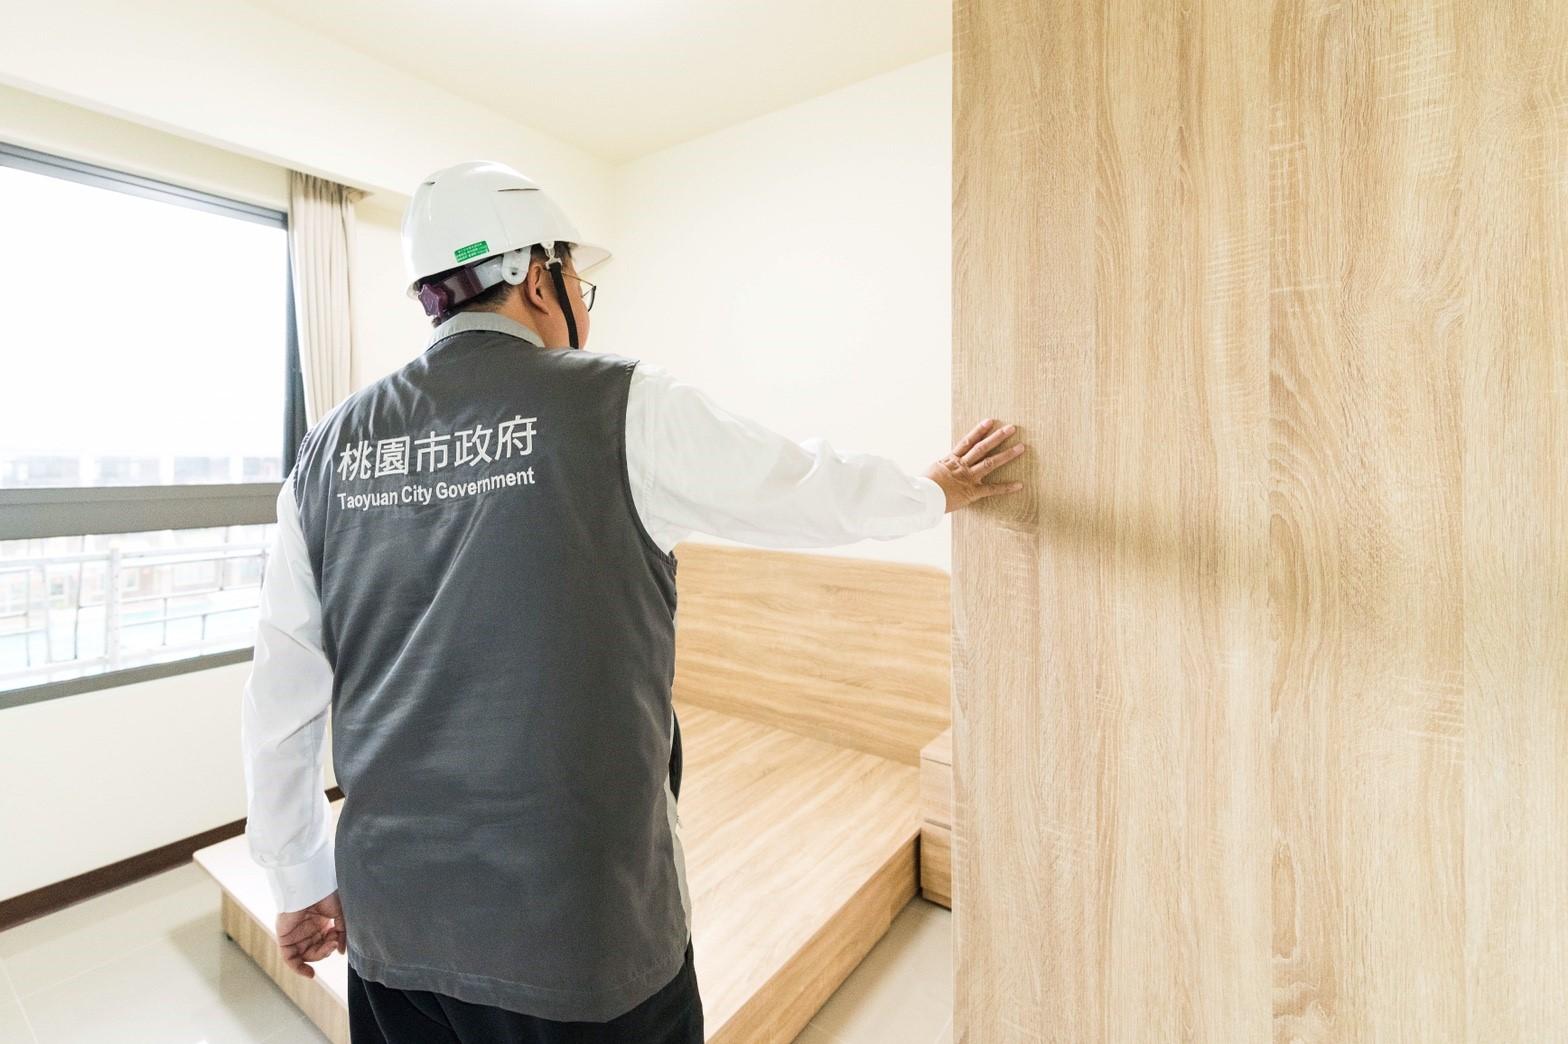 市長參觀中路二號社會住宅房型規劃